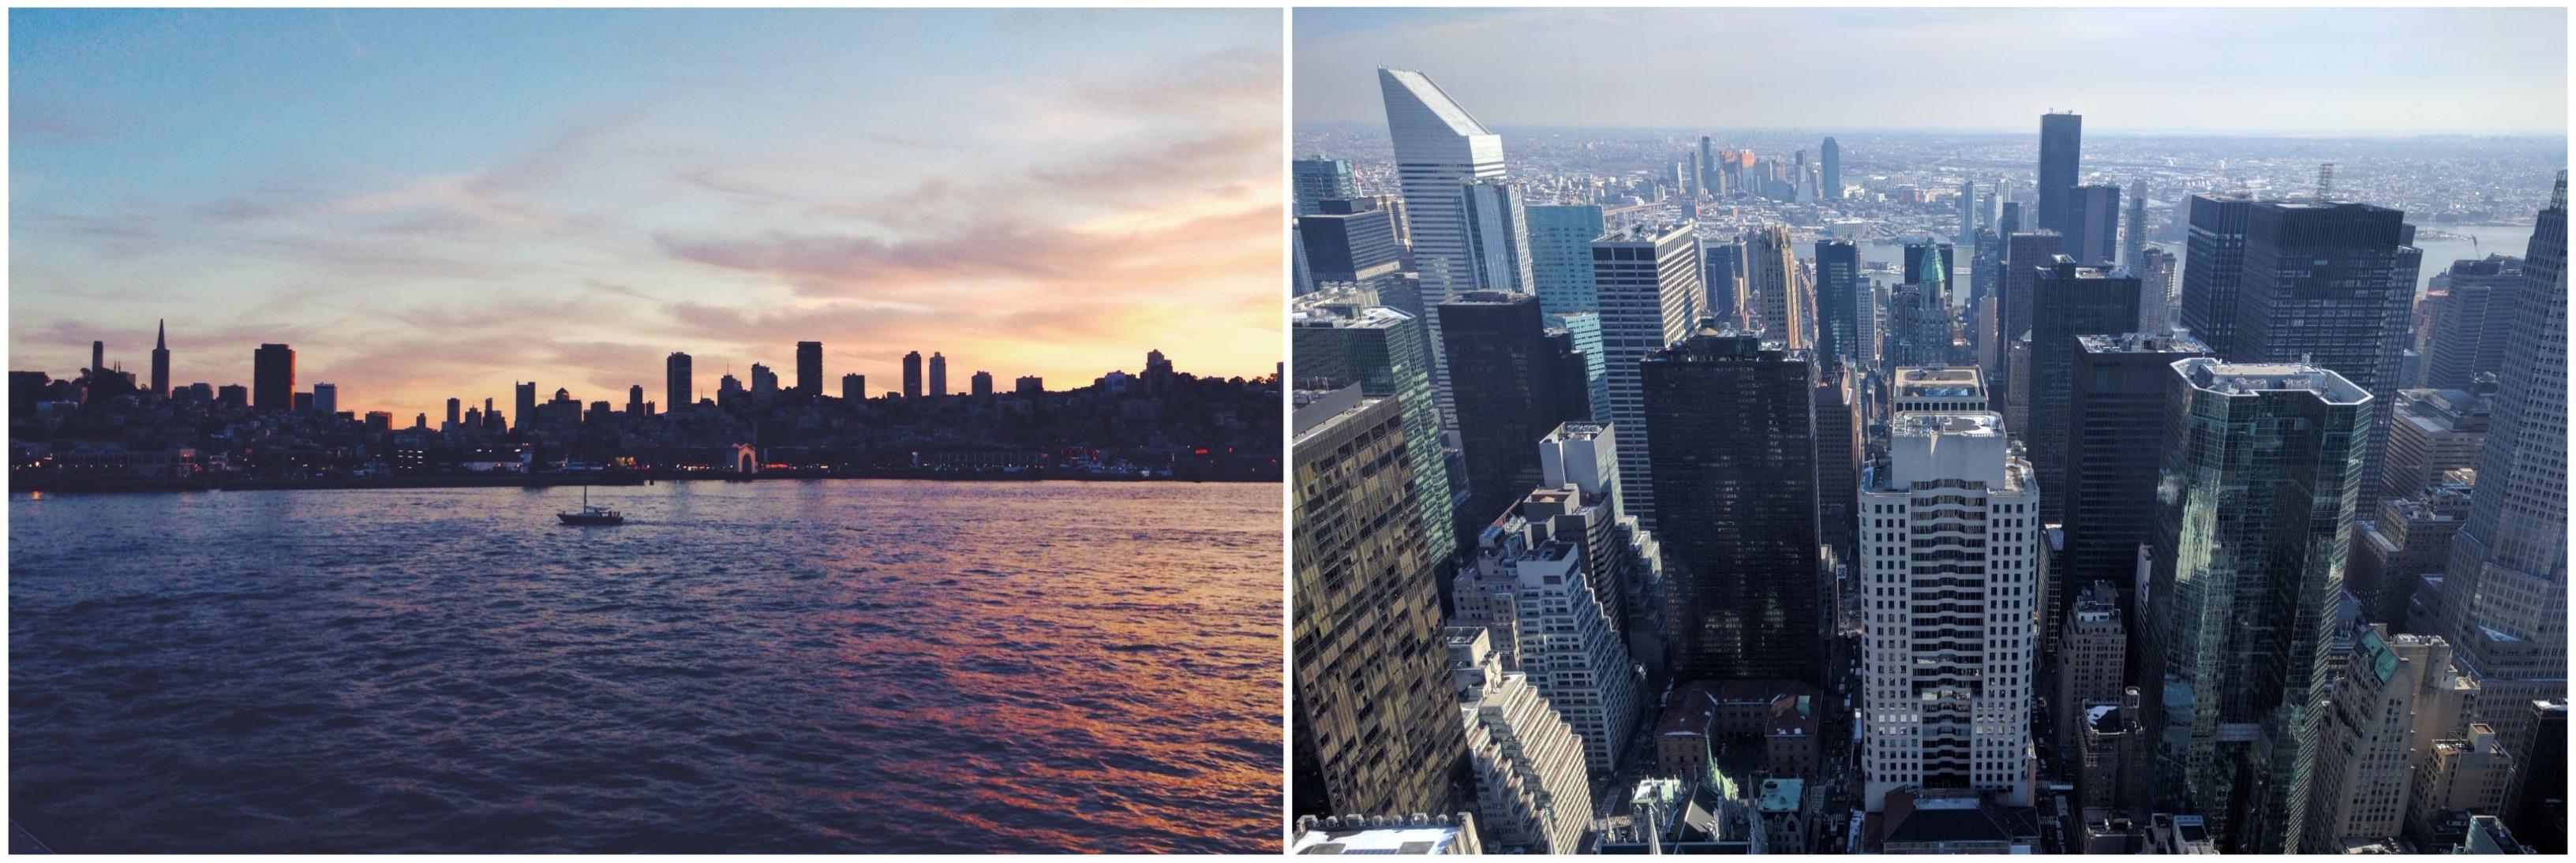 San Francisco ha una manciata di grattacieli, New York una foresta.